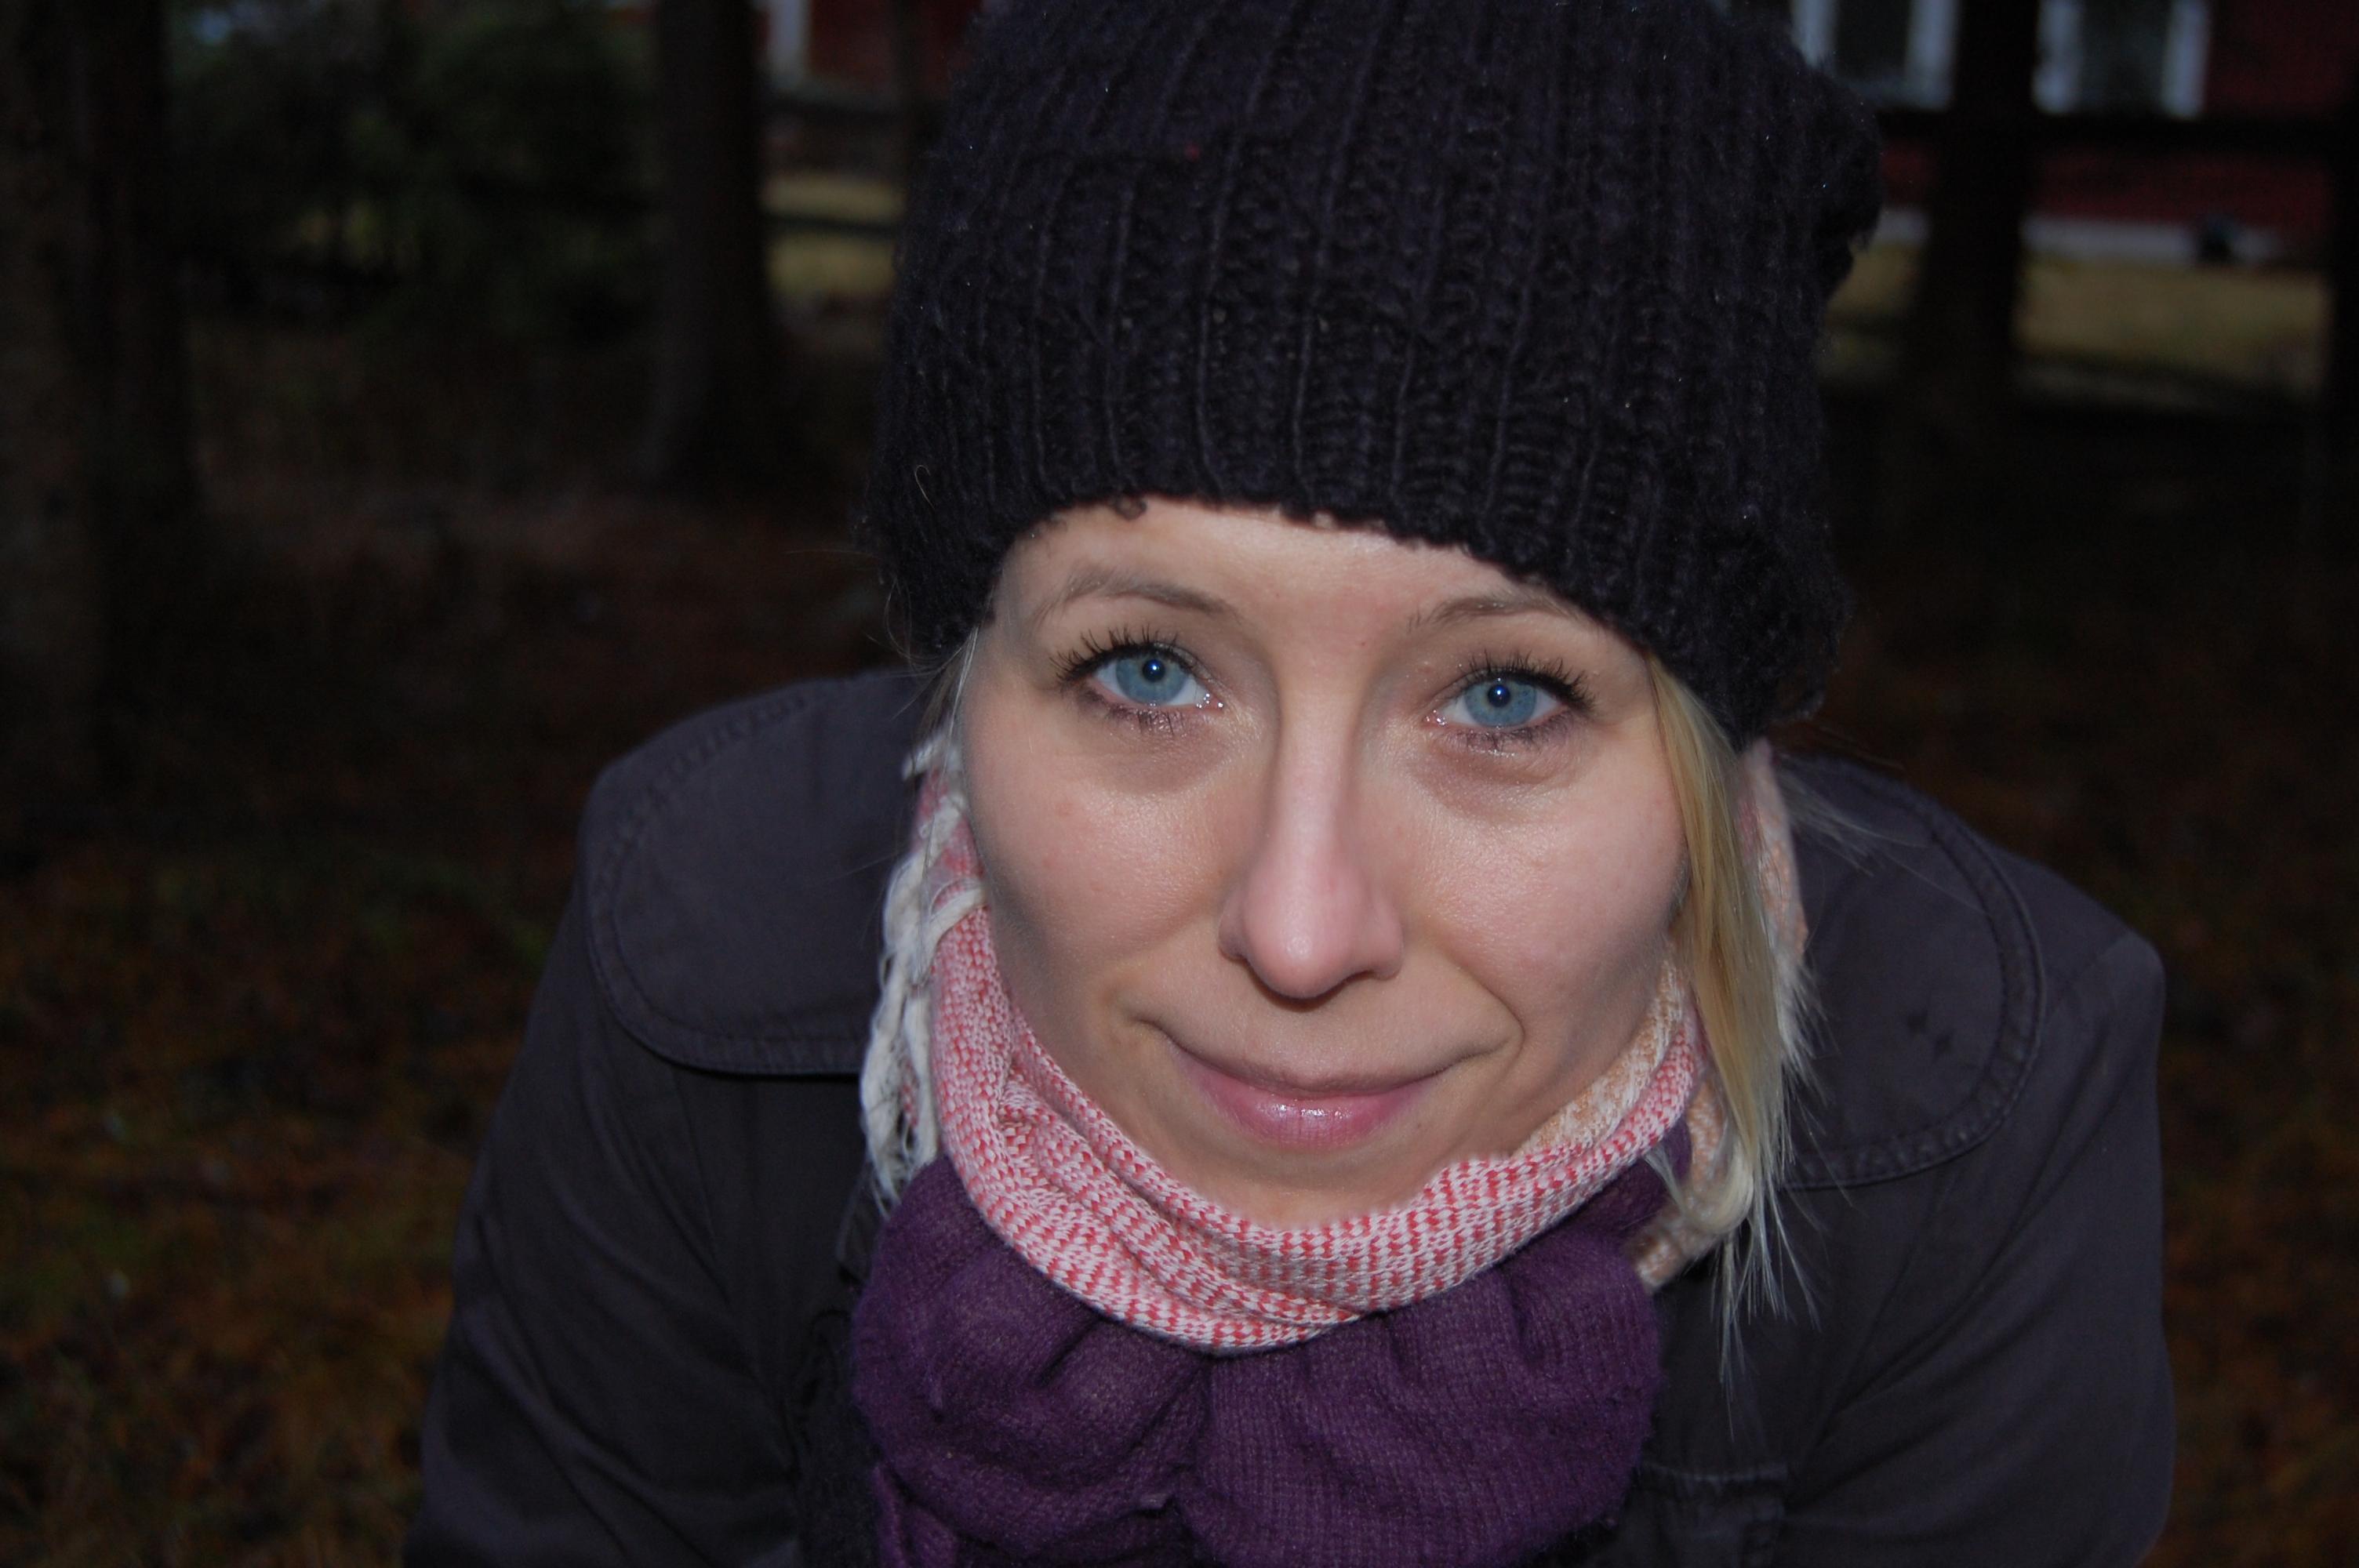 Linda Fändriks